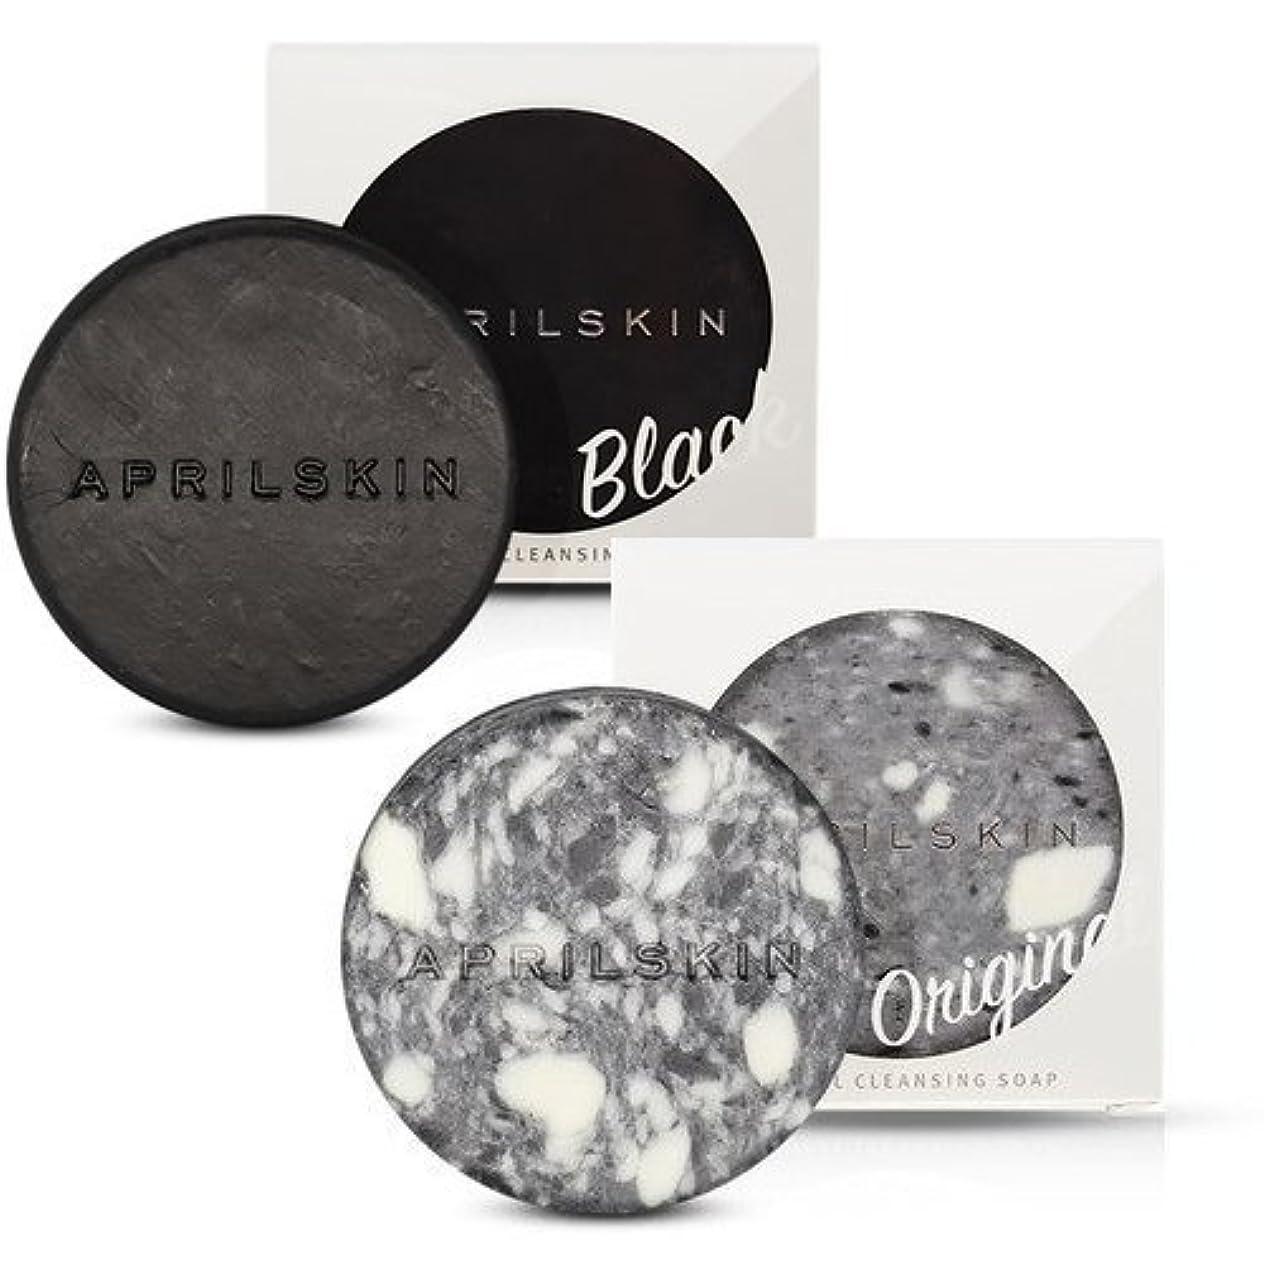 印をつける乏しい原子炉[1+1][APRILSKIN] エイプリルスキン国民石鹸 (APRIL SKIN マジックストーンのリニューアルバージョン新発売) (ORIGINAL+BLACK) [並行輸入品]